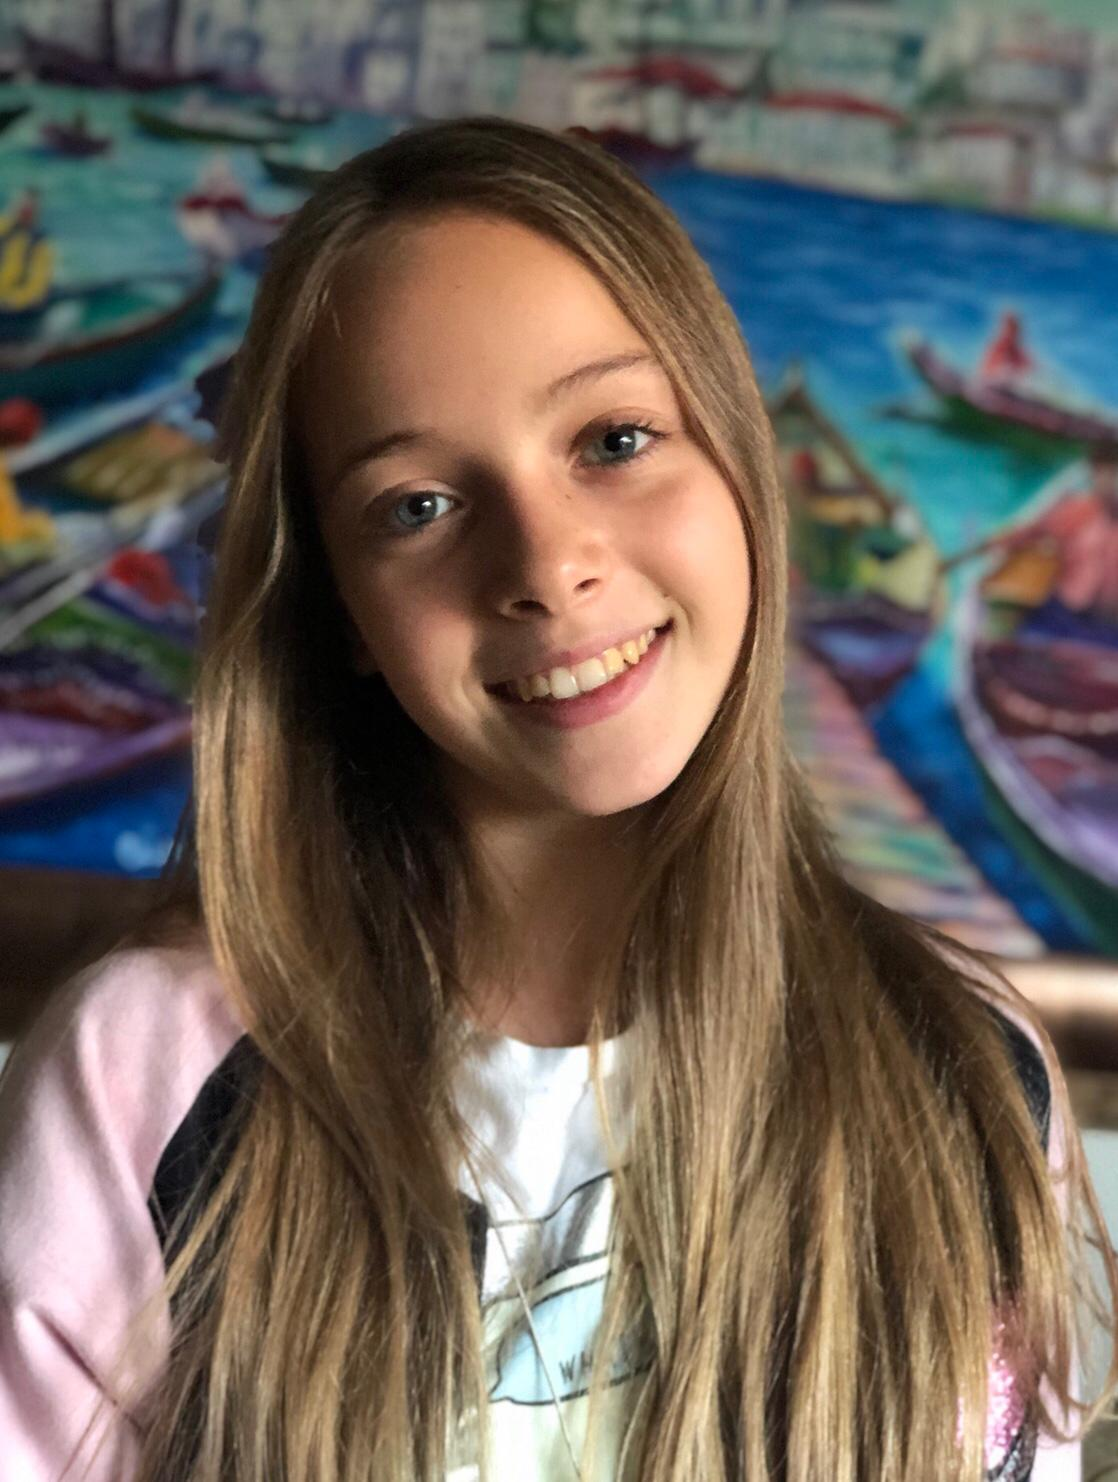 Zeynep Cüreklibatır - Profil Fotoğrafı